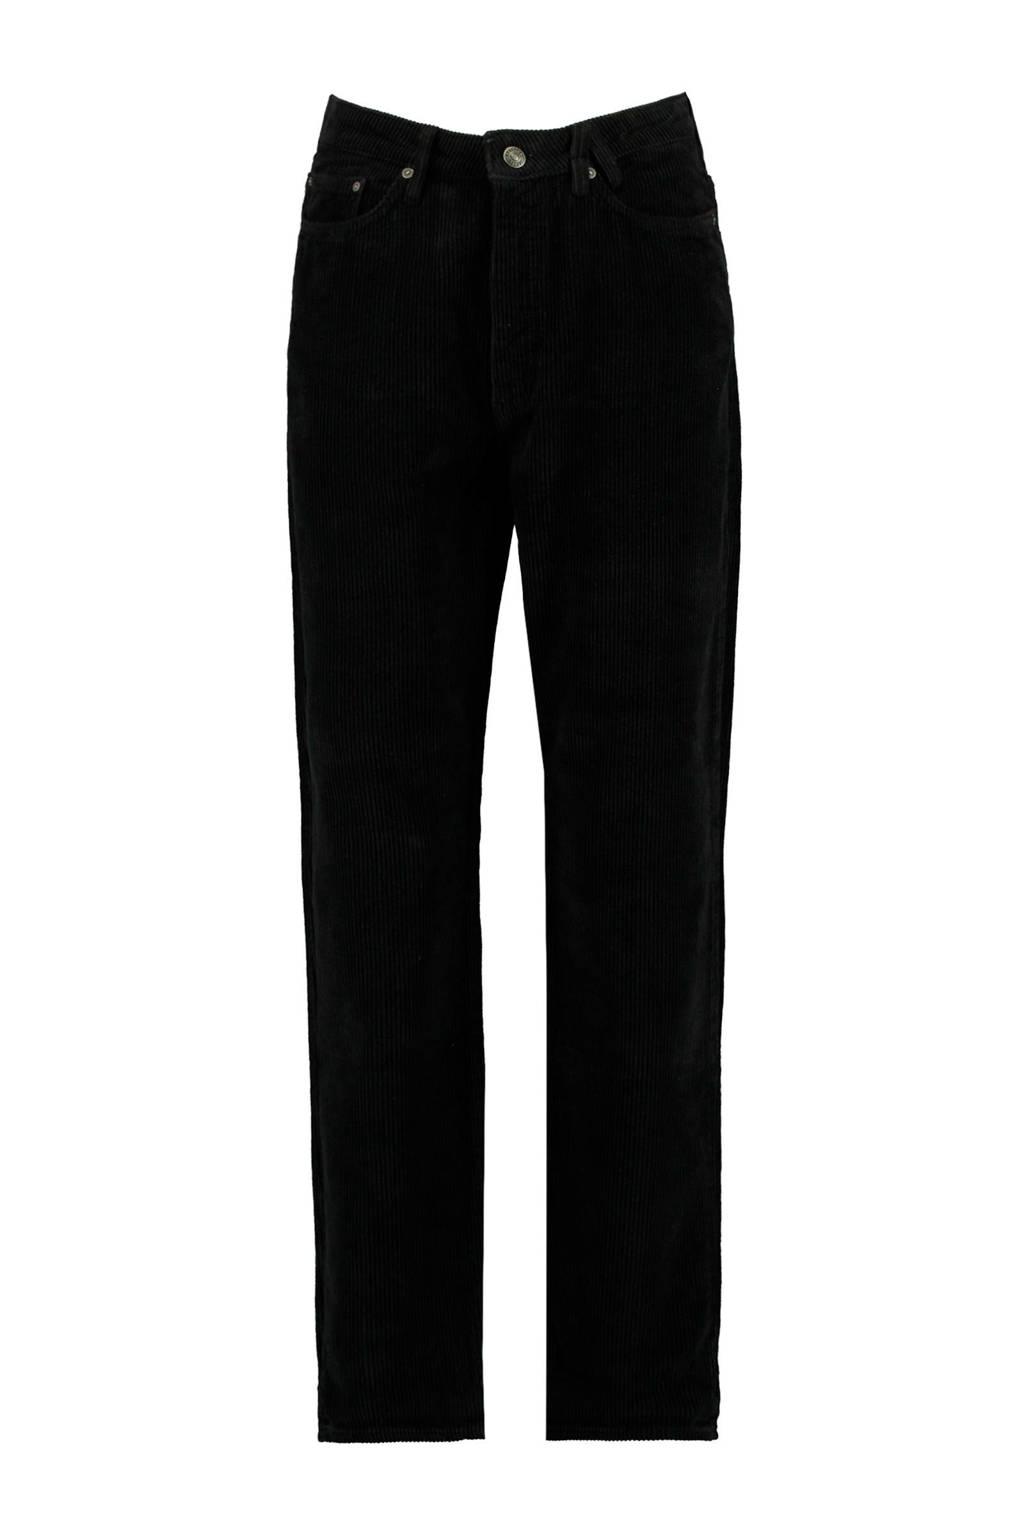 America Today corduroy high waist loose fit broek Jadan zwart, Zwart